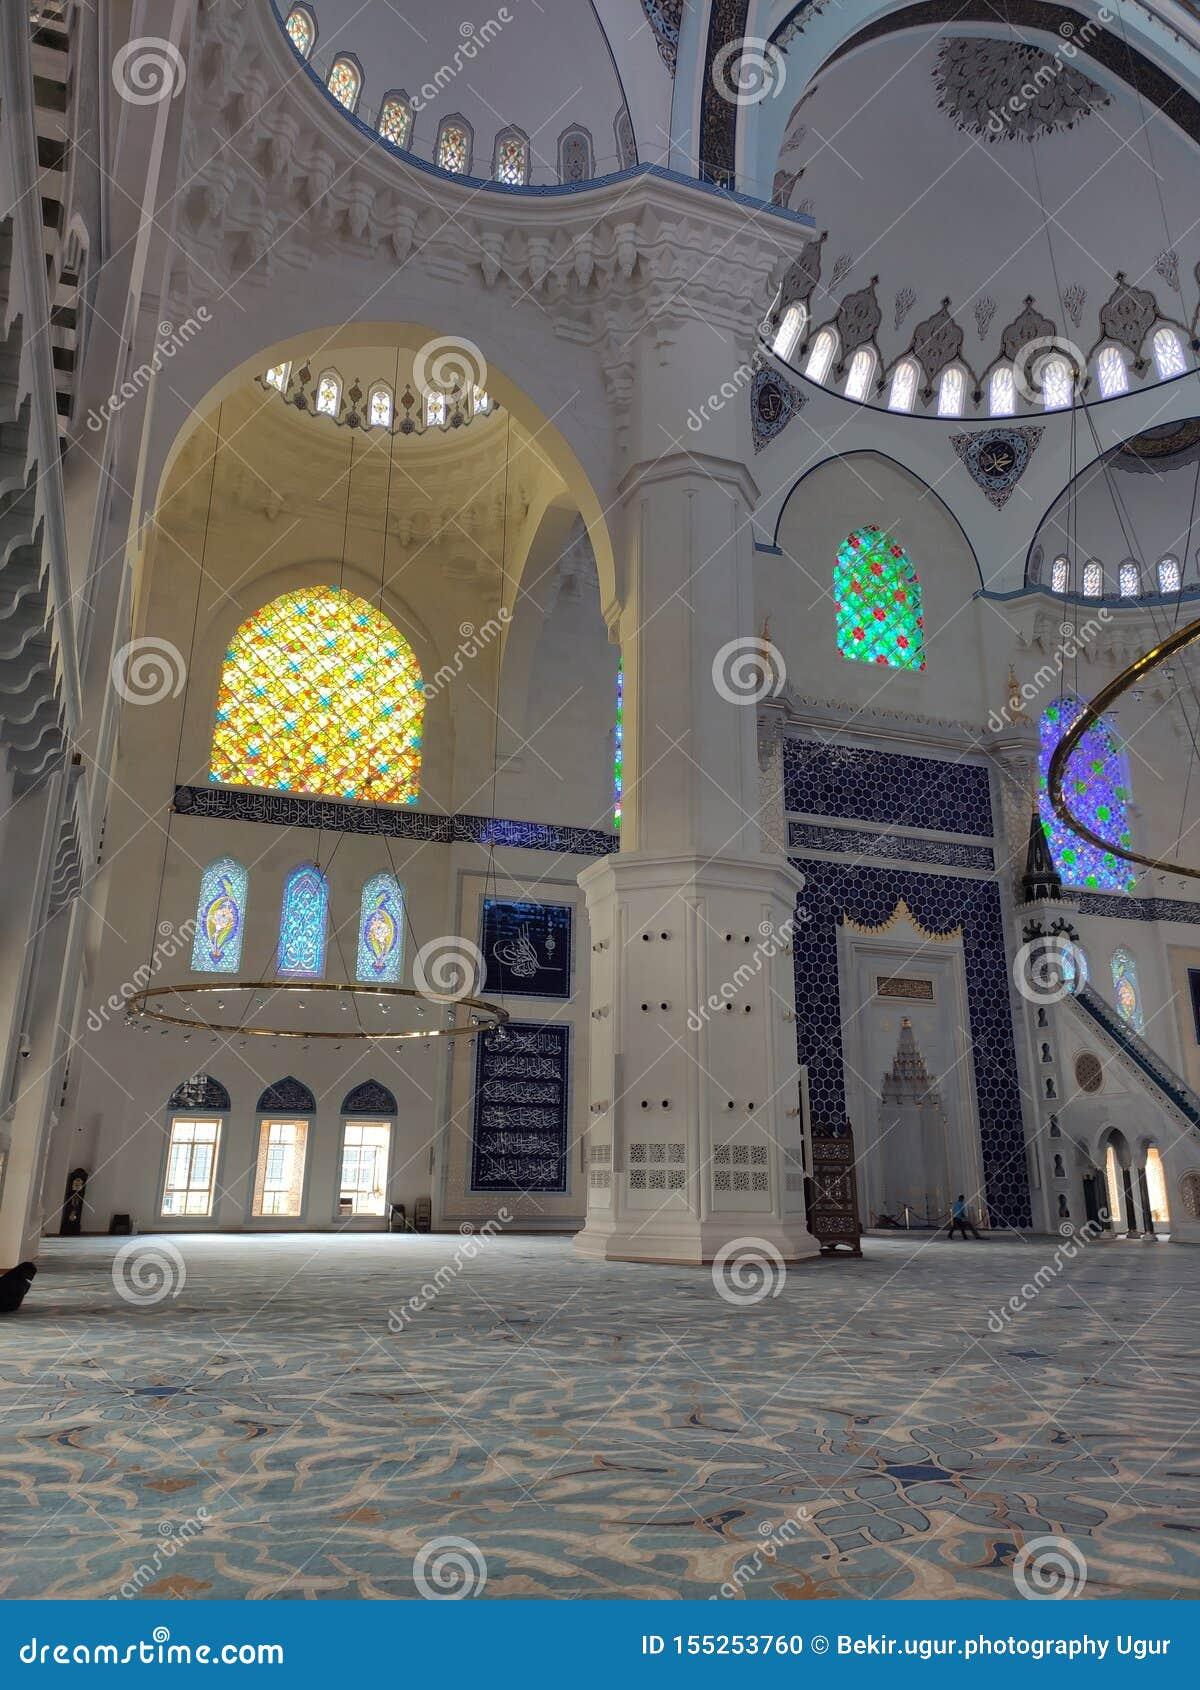 4 Αυγούστου 19 άποψη προαυλίων ΜΟΥΣΟΥΛΜΑΝΙΚΏΝ ΤΕΜΕΝΏΝ CAMLICA στη Ιστανμπούλ, Τουρκία Το μουσουλμανικό τέμενος Camlica είναι μεγα